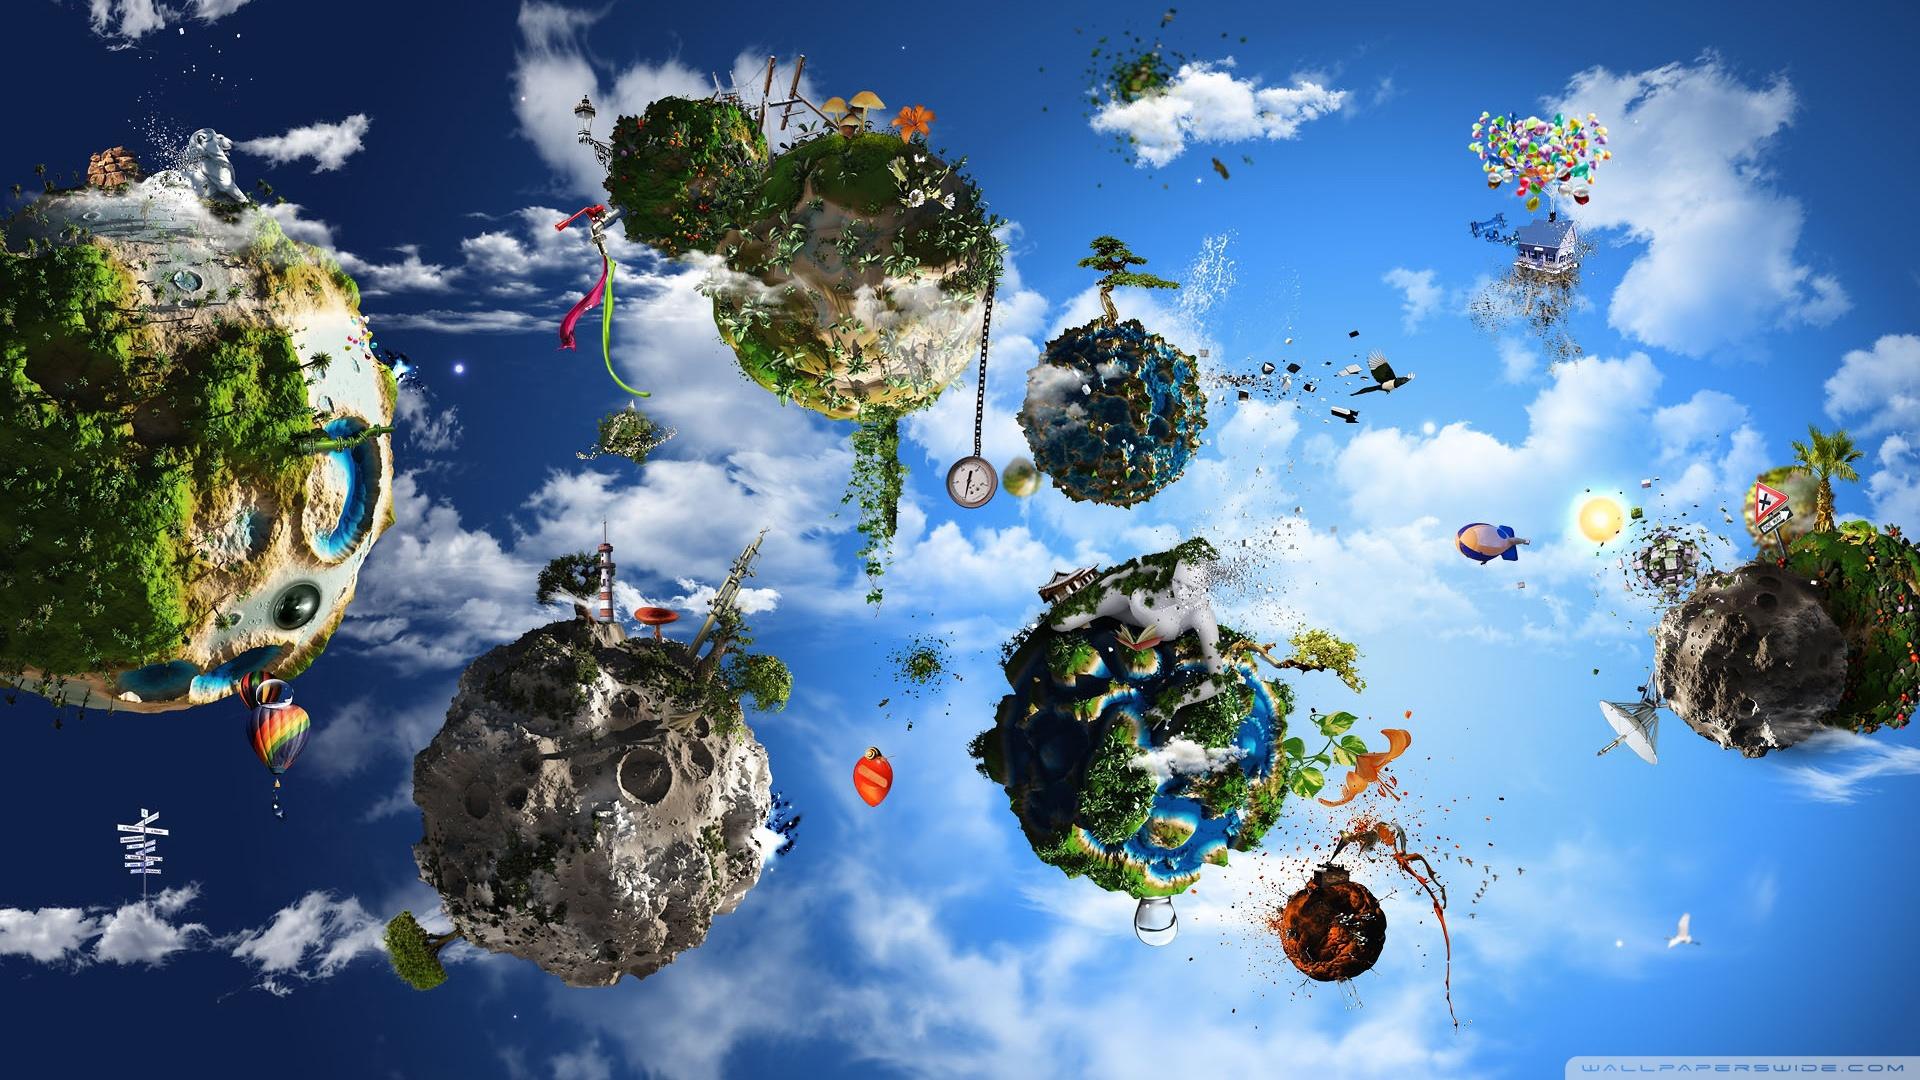 A Fantasy World HD desktop wallpaper : Widescreen : High